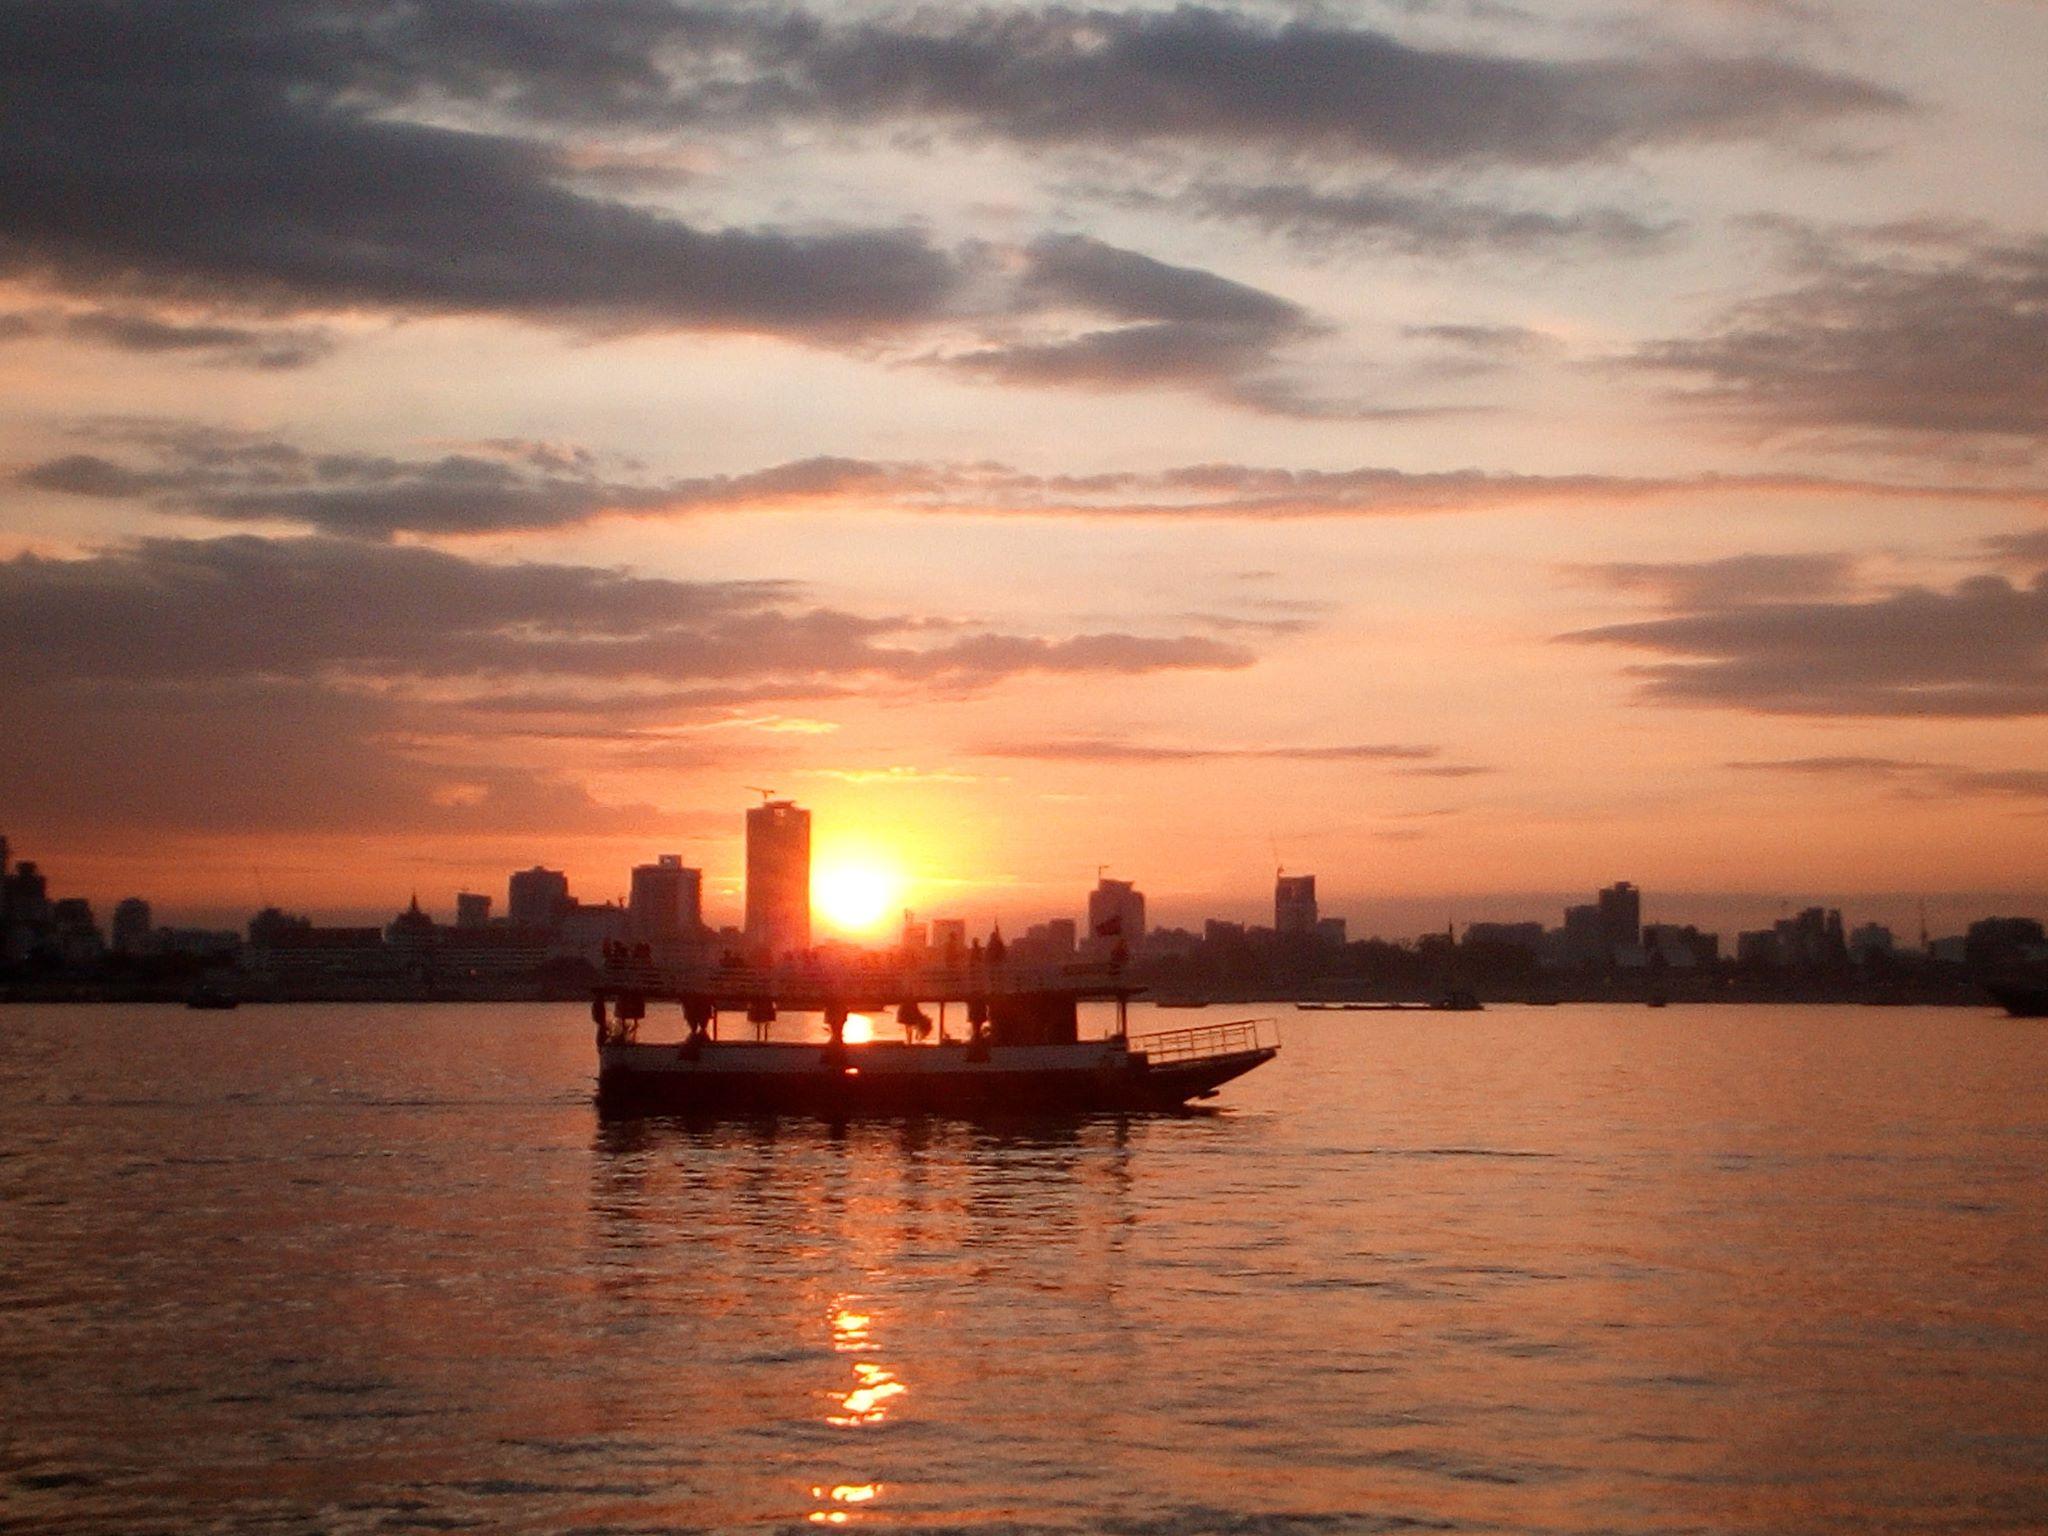 Камбоджа – це королівство чудес: журналістка Віра Єдемська про власний досвід життя в екзотичній країні